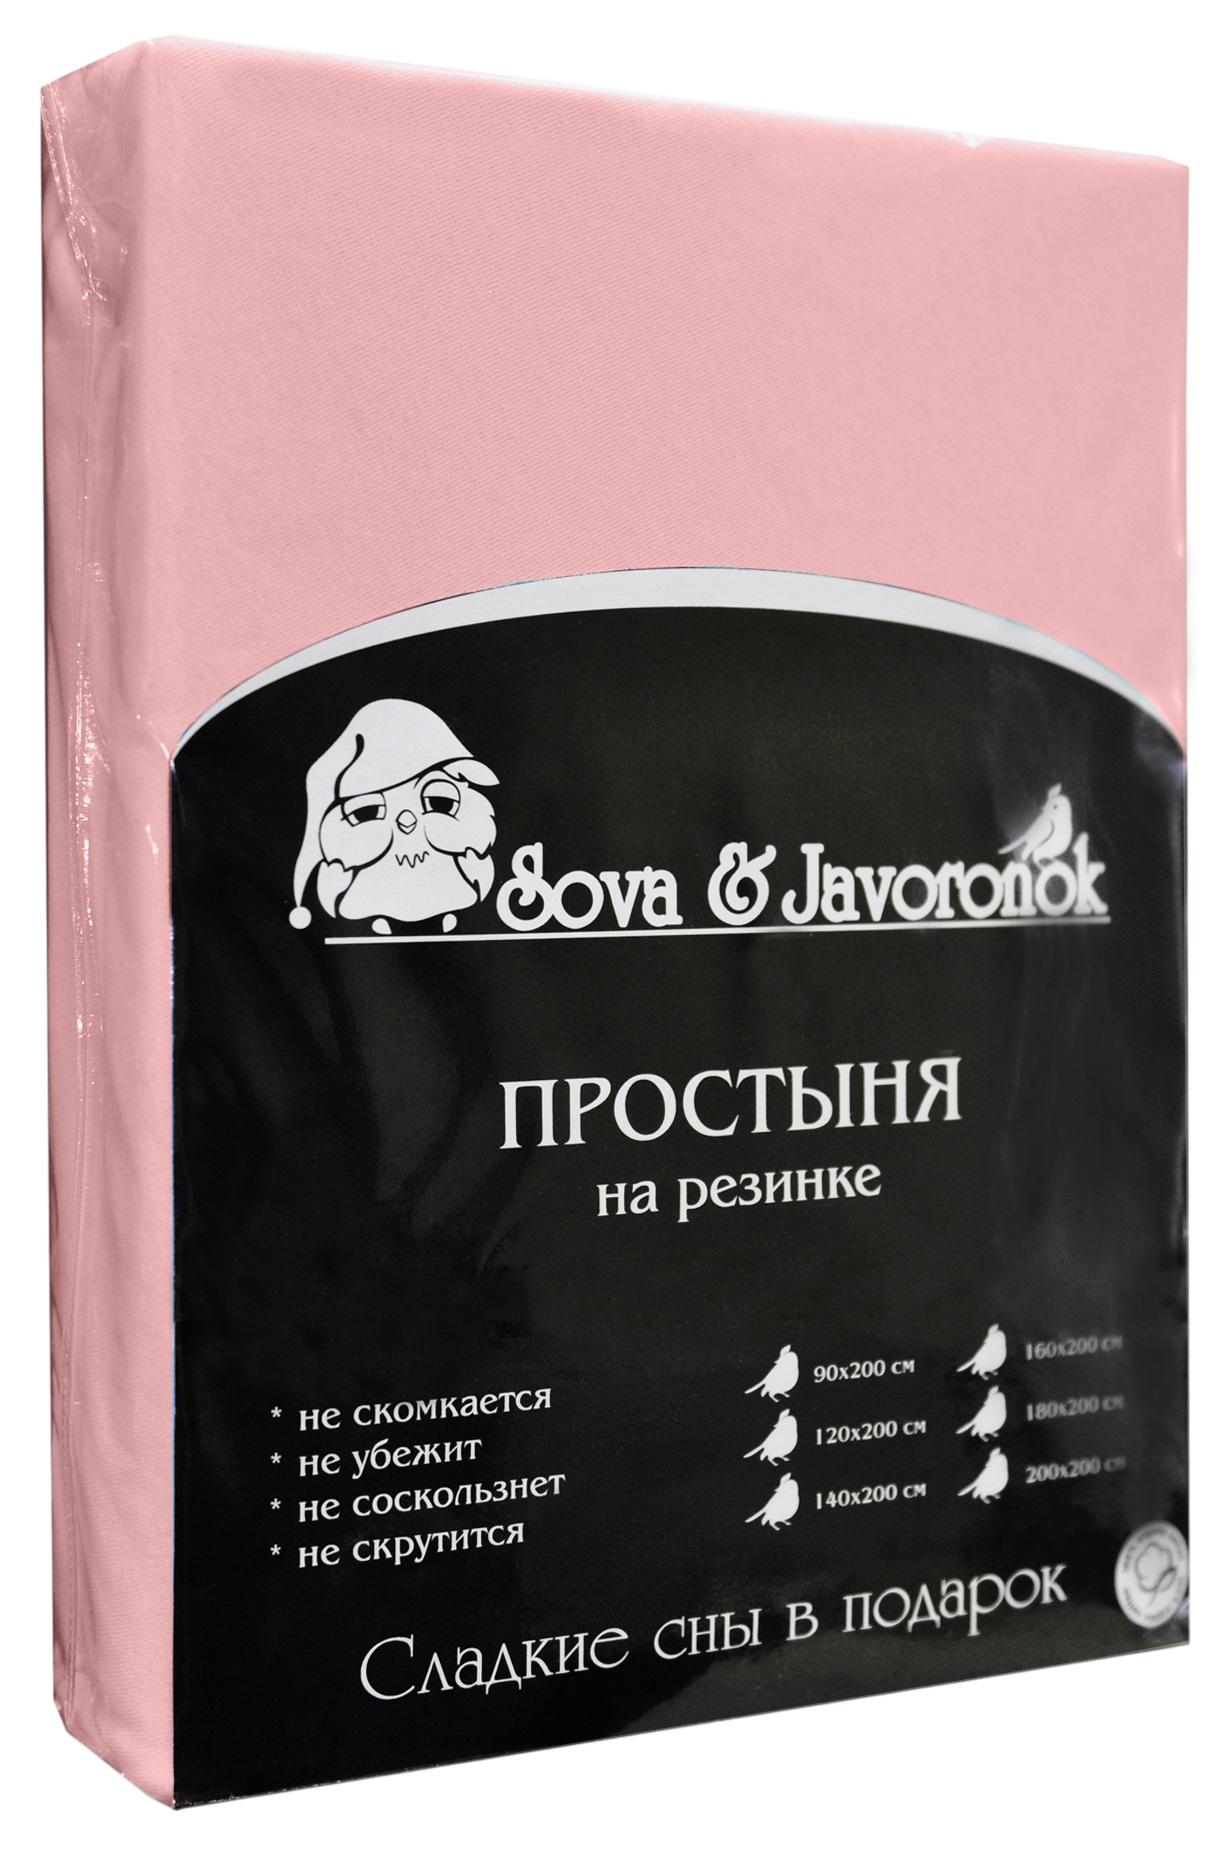 Простыня на резинке Sova & Javoronok, цвет: светло-розовый, 140 х 200 смU210DFПростыня на резинке Sova & Javoronok, изготовленная из трикотажной ткани (100% хлопок), будет превосходно смотреться с любыми комплектами белья. Хлопчатобумажный трикотаж по праву считается одним из самых качественных, прочных и при этом приятных на ощупь. Его гигиеничность позволяет использовать простыню и в детских комнатах, к тому же 100%-ый хлопок в составе ткани не вызовет аллергии. У трикотажного полотна очень интересная структура, немного рыхлая за счет отсутствия плотного переплетения нитей и наличия особых петель, благодаря этому простыня Сова и Жаворонок отлично пропускает воздух и способствует его постоянной циркуляции. Поэтому ваша постель будет всегда оставаться свежей. Но главное и, пожалуй, самое известное свойство трикотажа - это его великолепная растяжимость, поэтому эта ткань и была выбрана для натяжной простыни на резинке.Простыня прошита резинкой по всему периметру, что обеспечивает более комфортный отдых, так как она прочно удерживается на матрасе и избавляет от необходимости часто поправлять простыню.